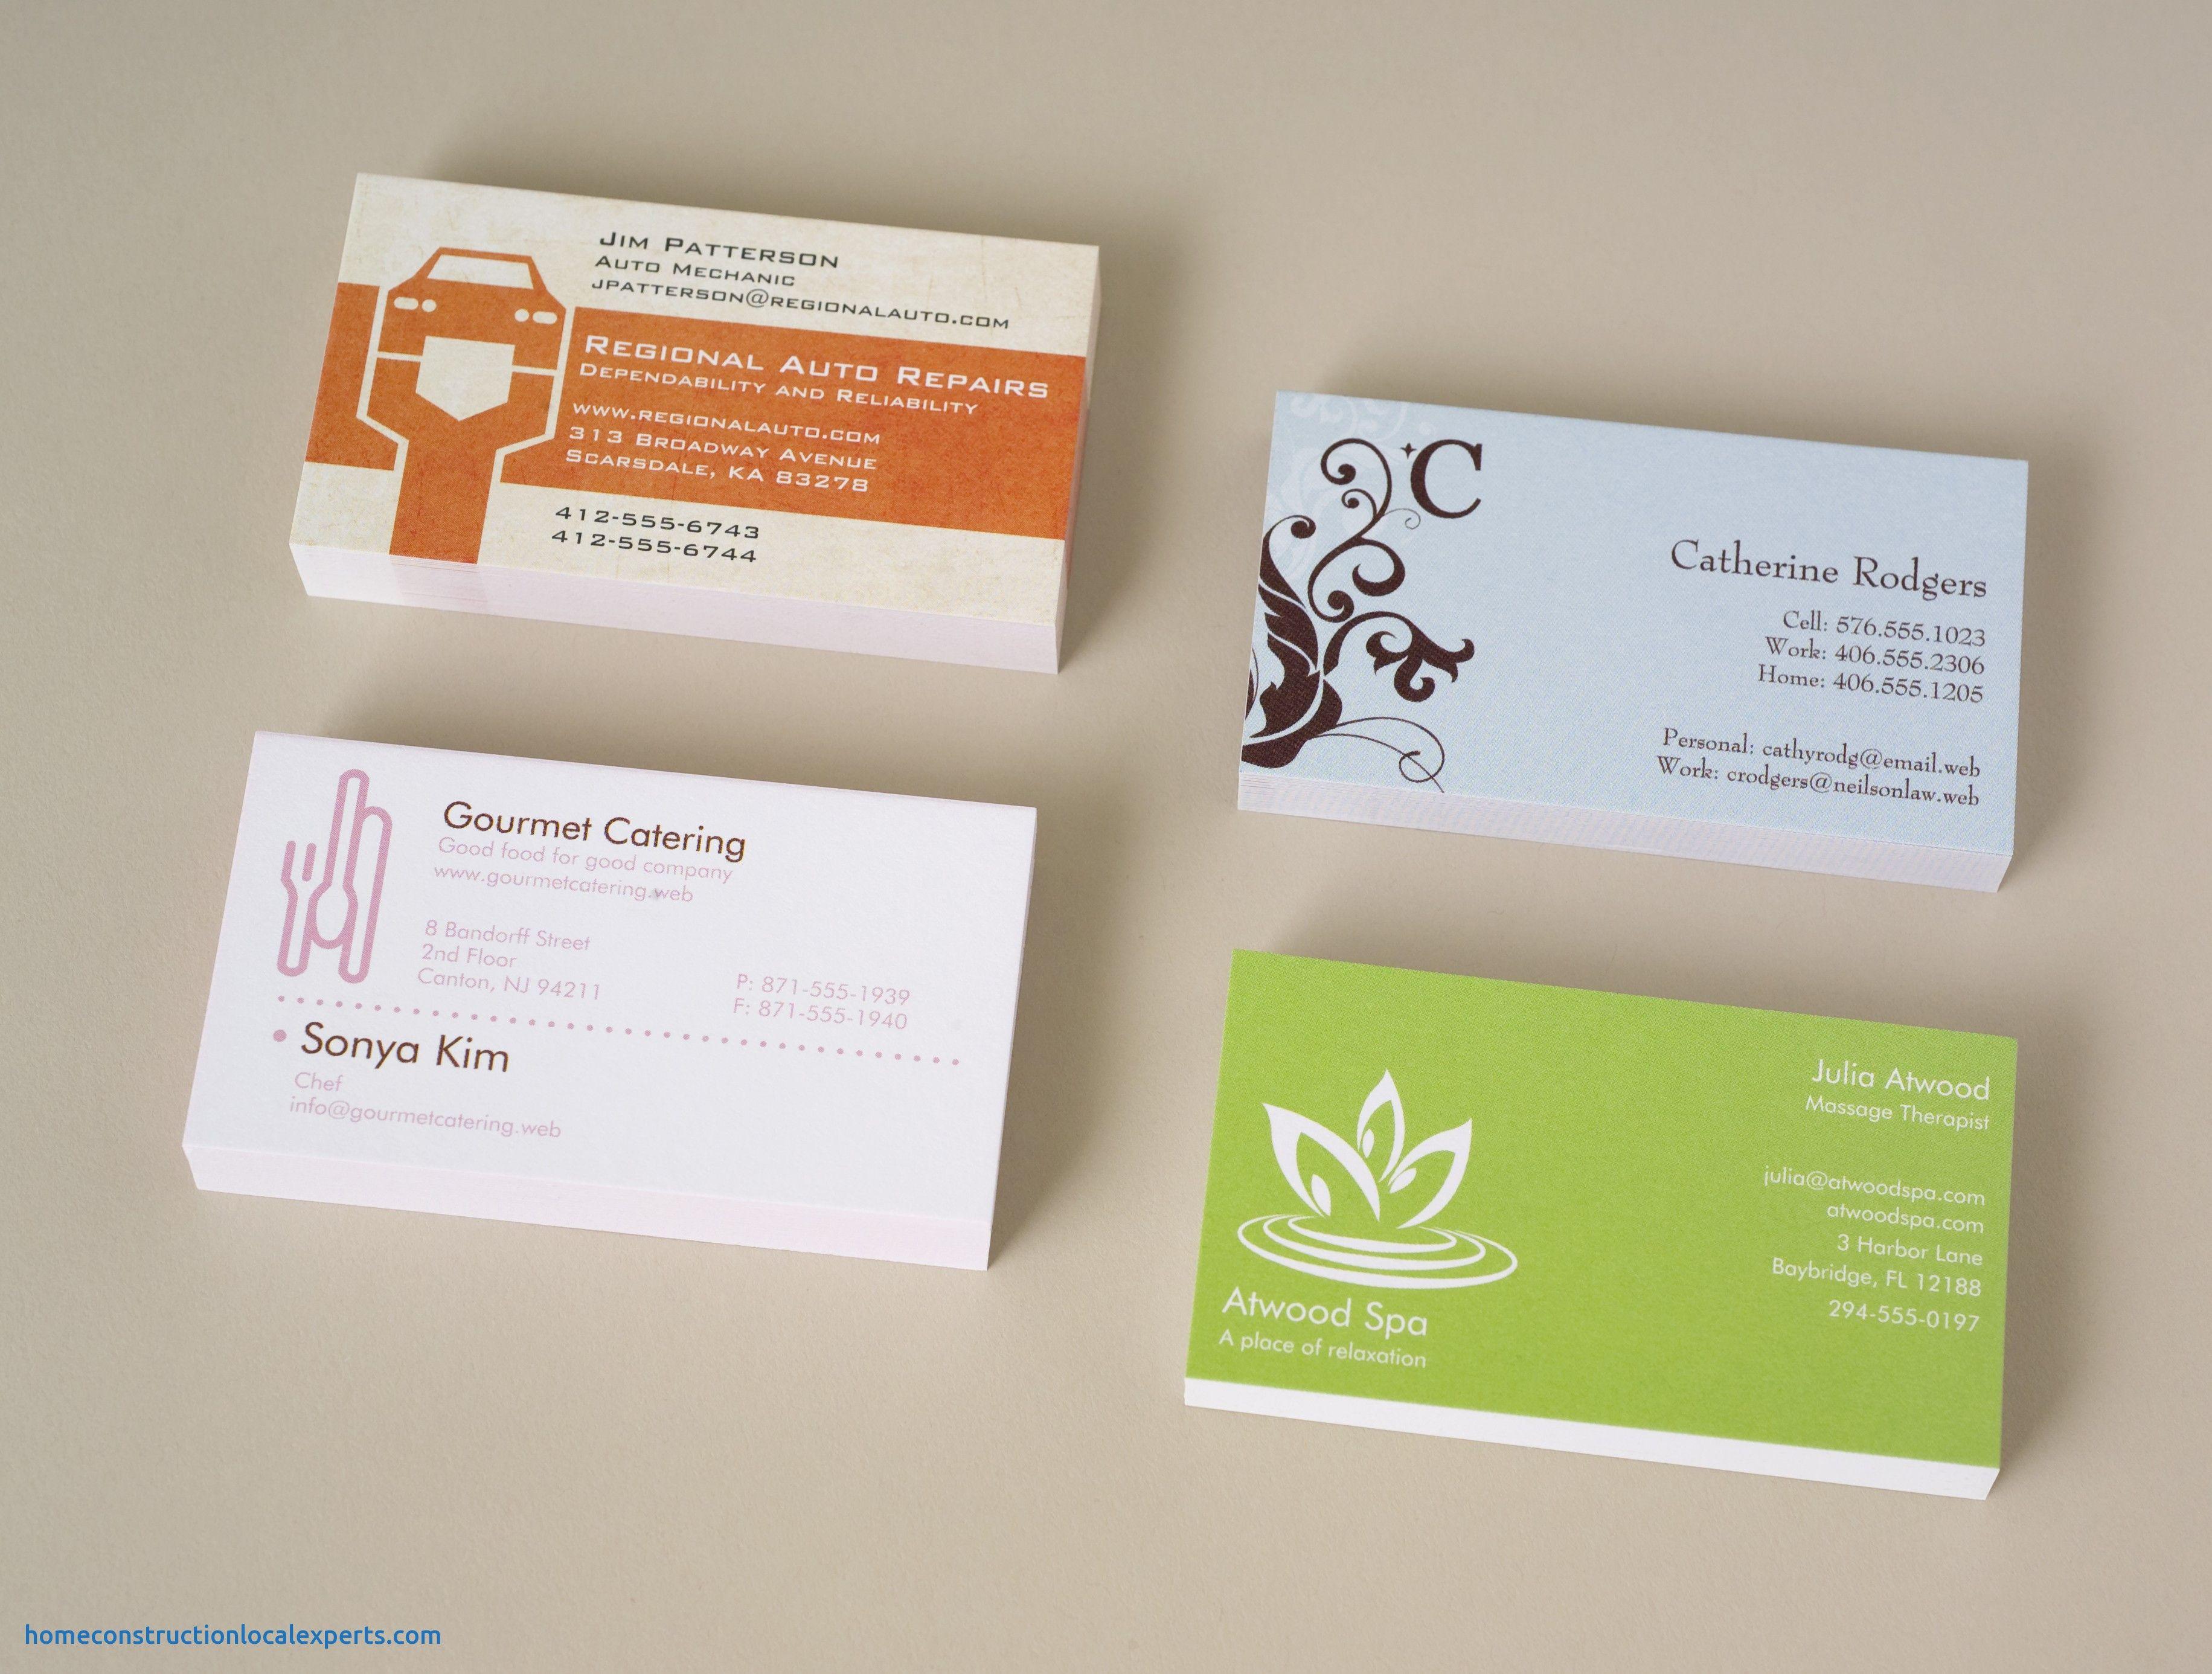 Vista Print Templates Business Cards Printing Business Cards Business Card Template Word Business Card Template Psd